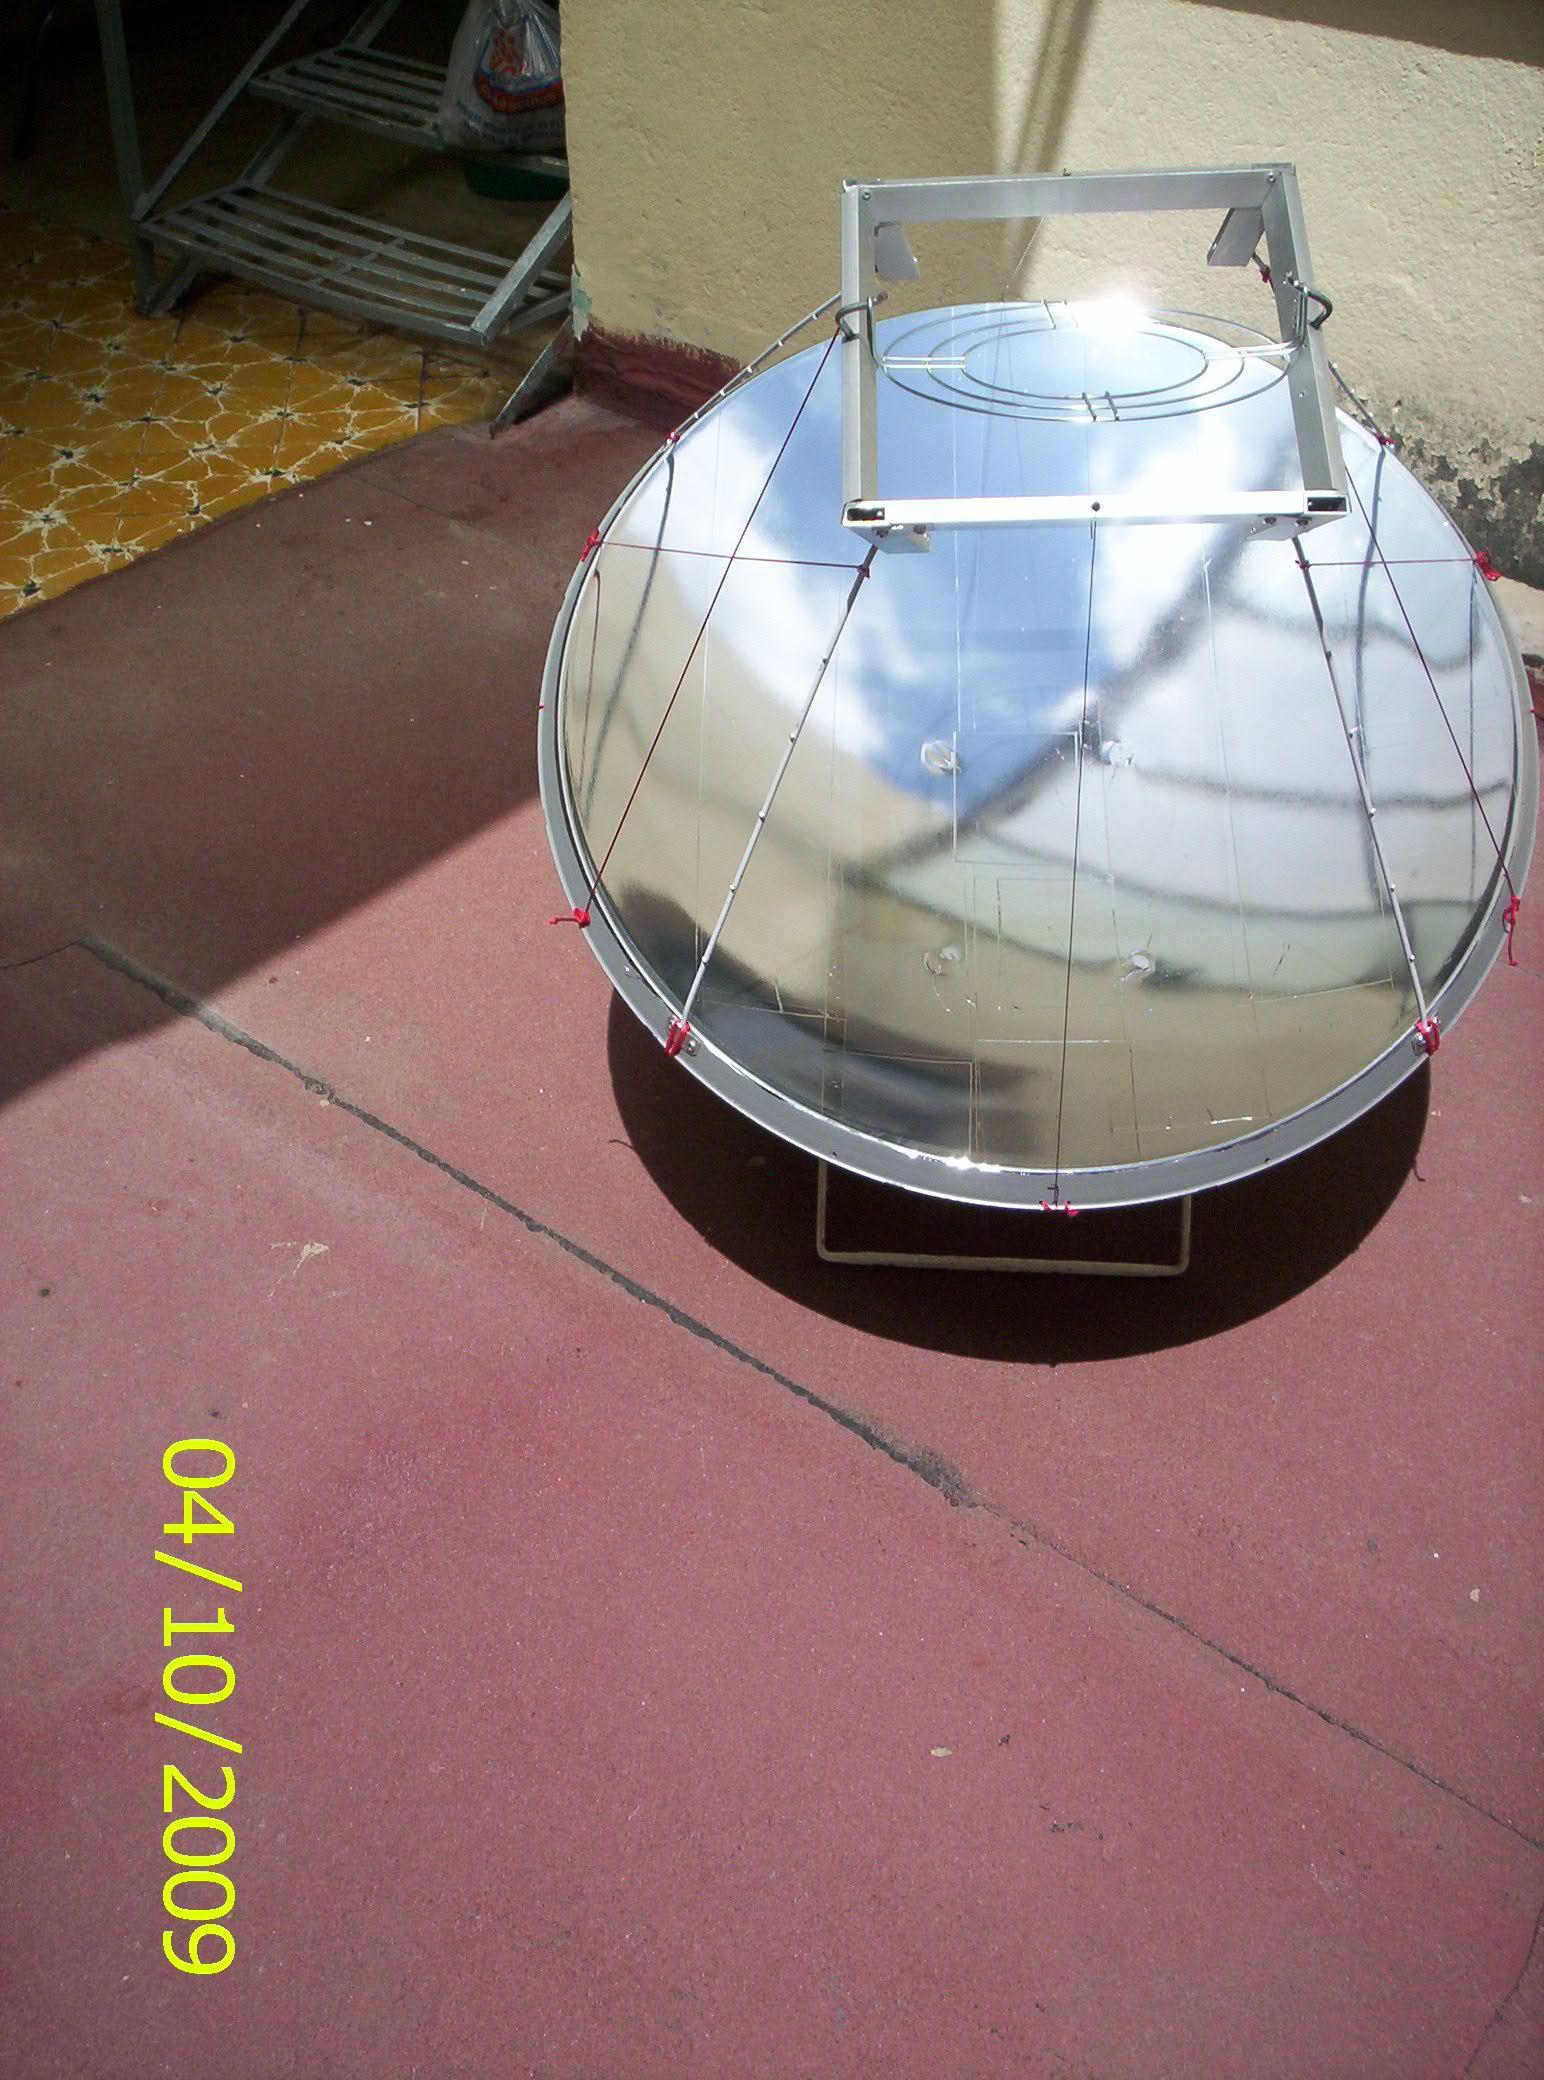 Construcci n de una cocina solar parab lica con una antena for Planos para construir una cocina solar